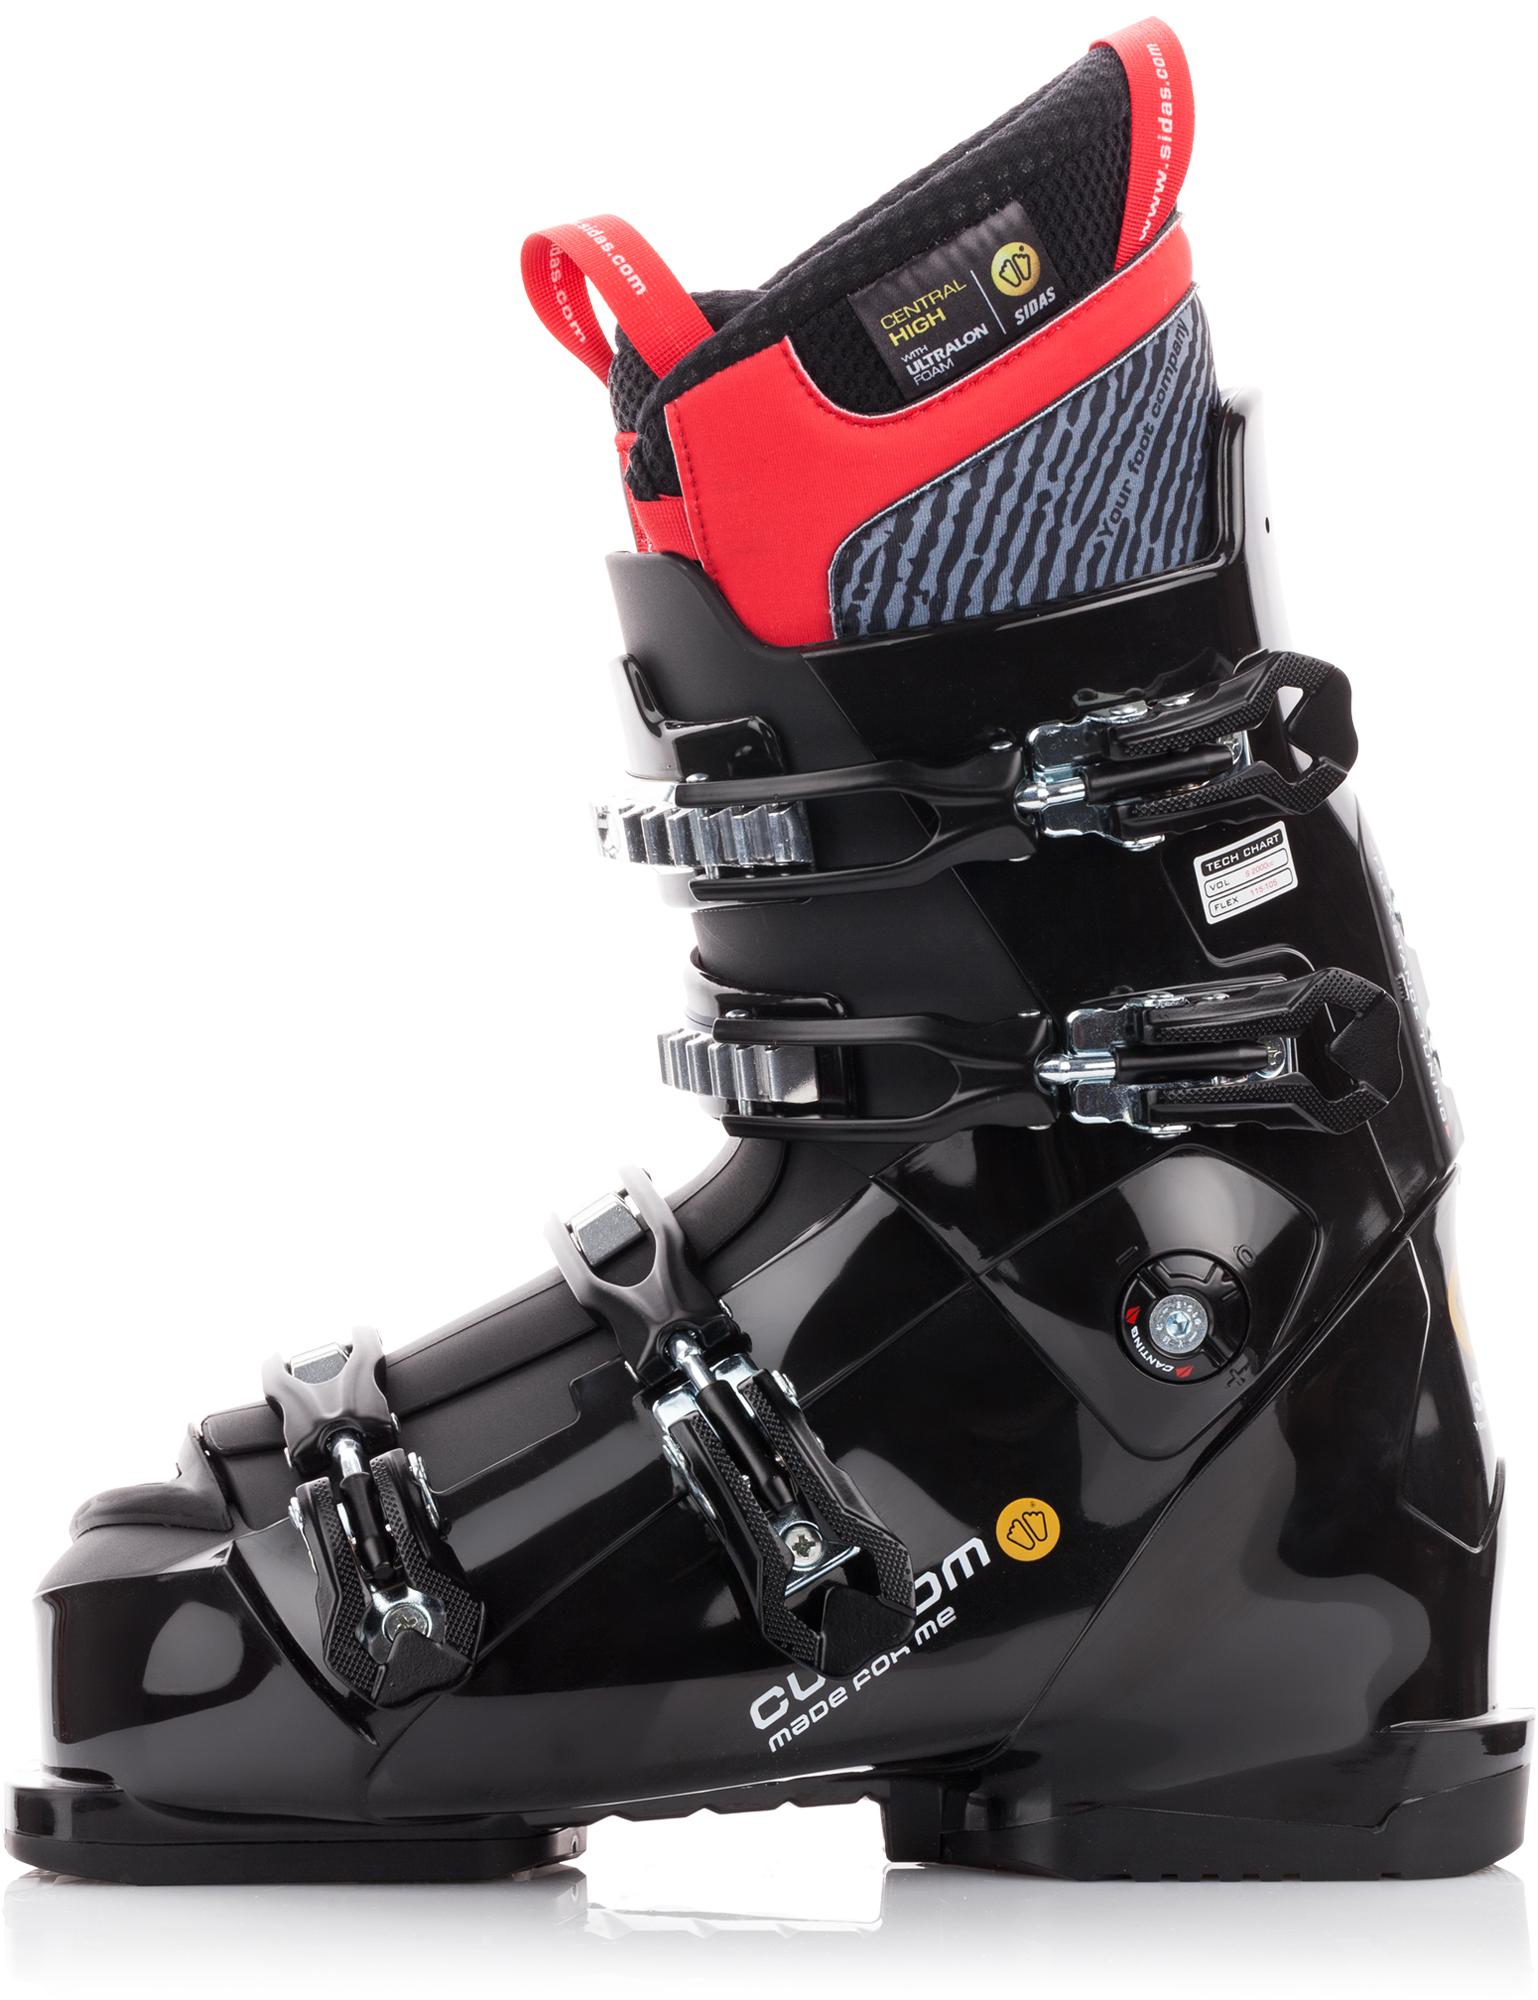 Sidas Ботинки горнолыжные Vector V2 + Central High